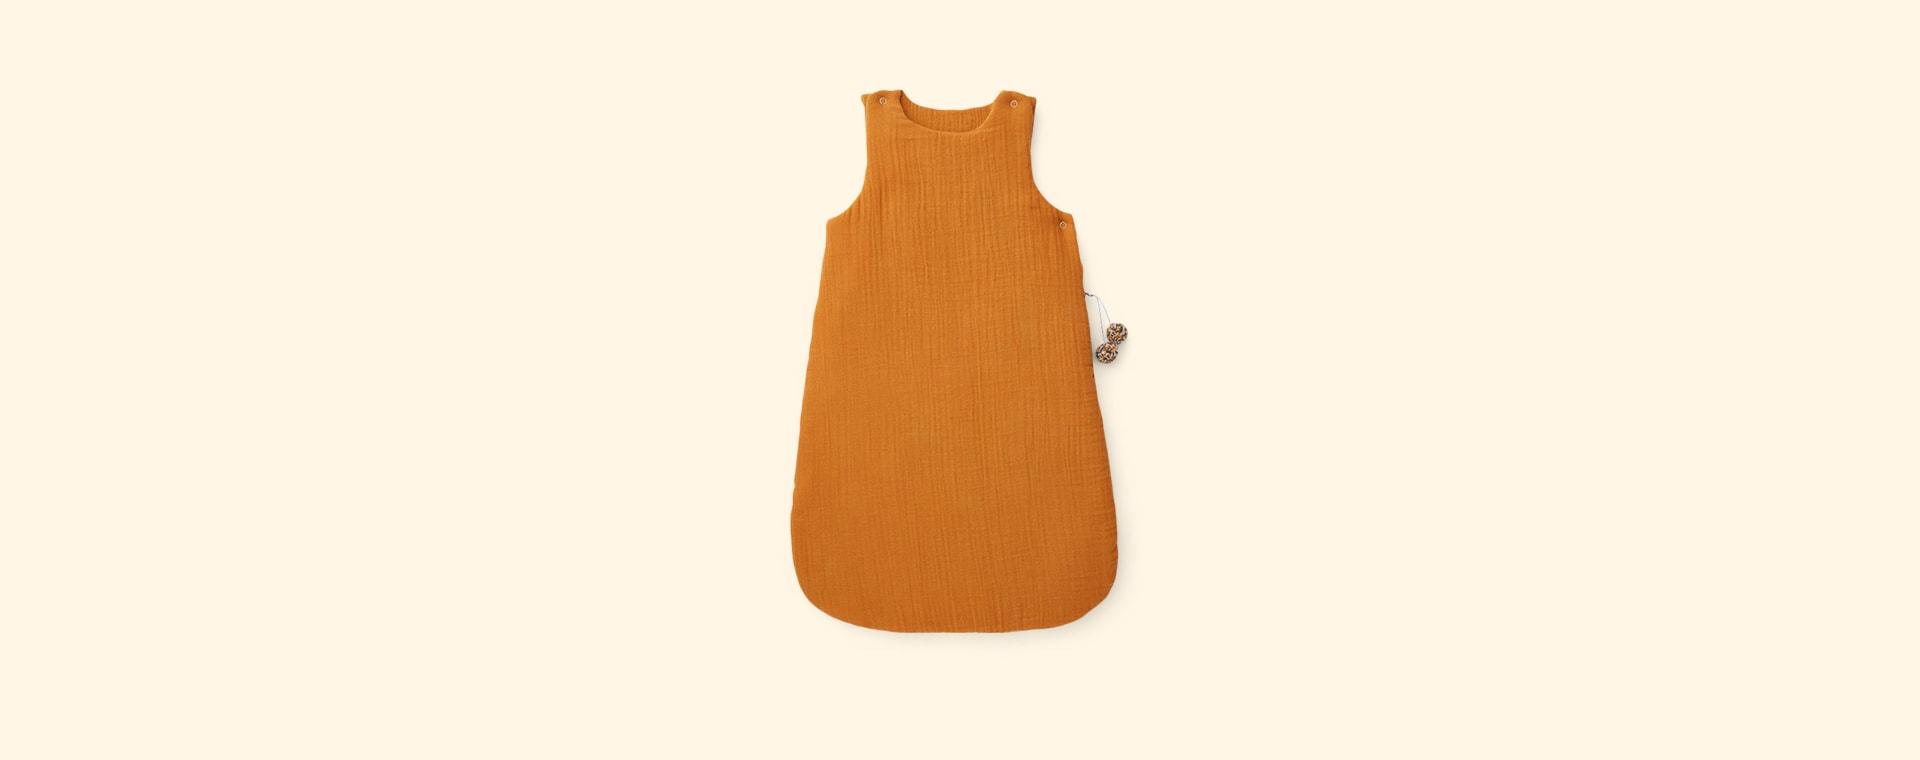 Mustard Liewood Sleeping Bag